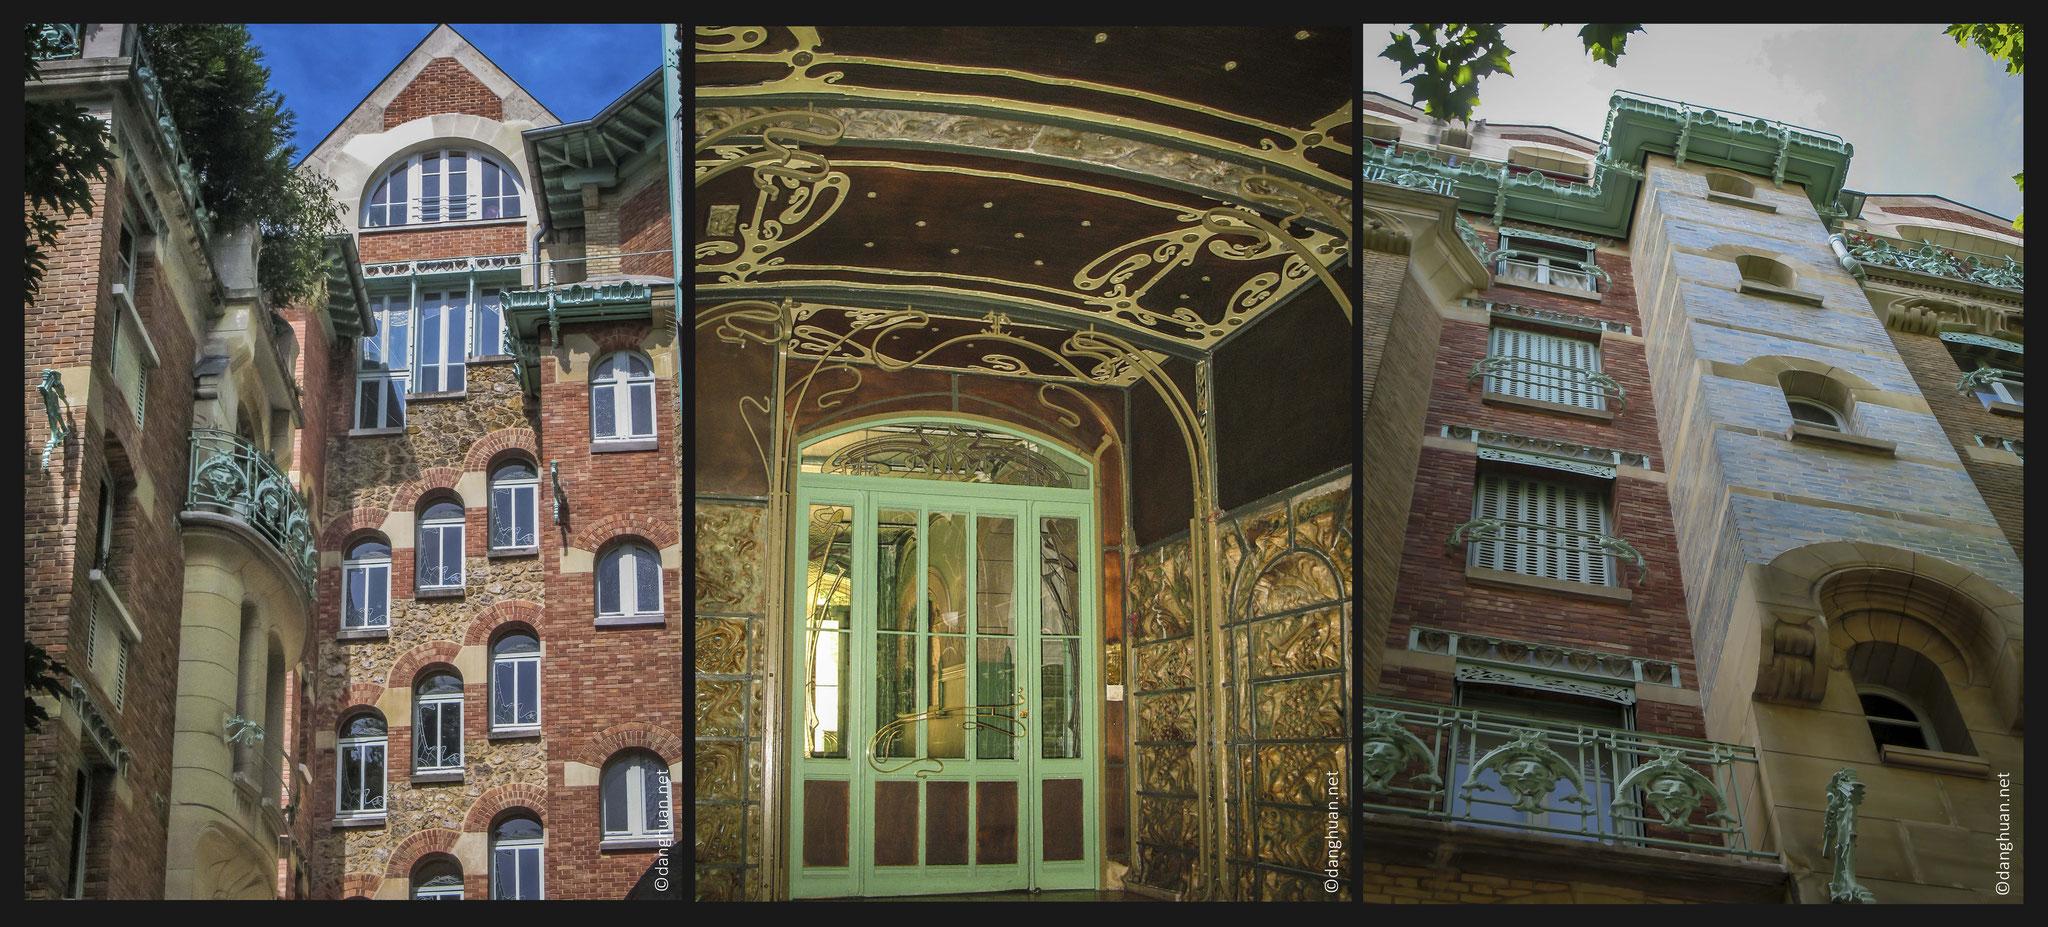 Guimard obtient avec cet immeuble le 1e prix de la plus belle façade de la ville de Paris en 1898, concours organisé par le journal Le Figaro